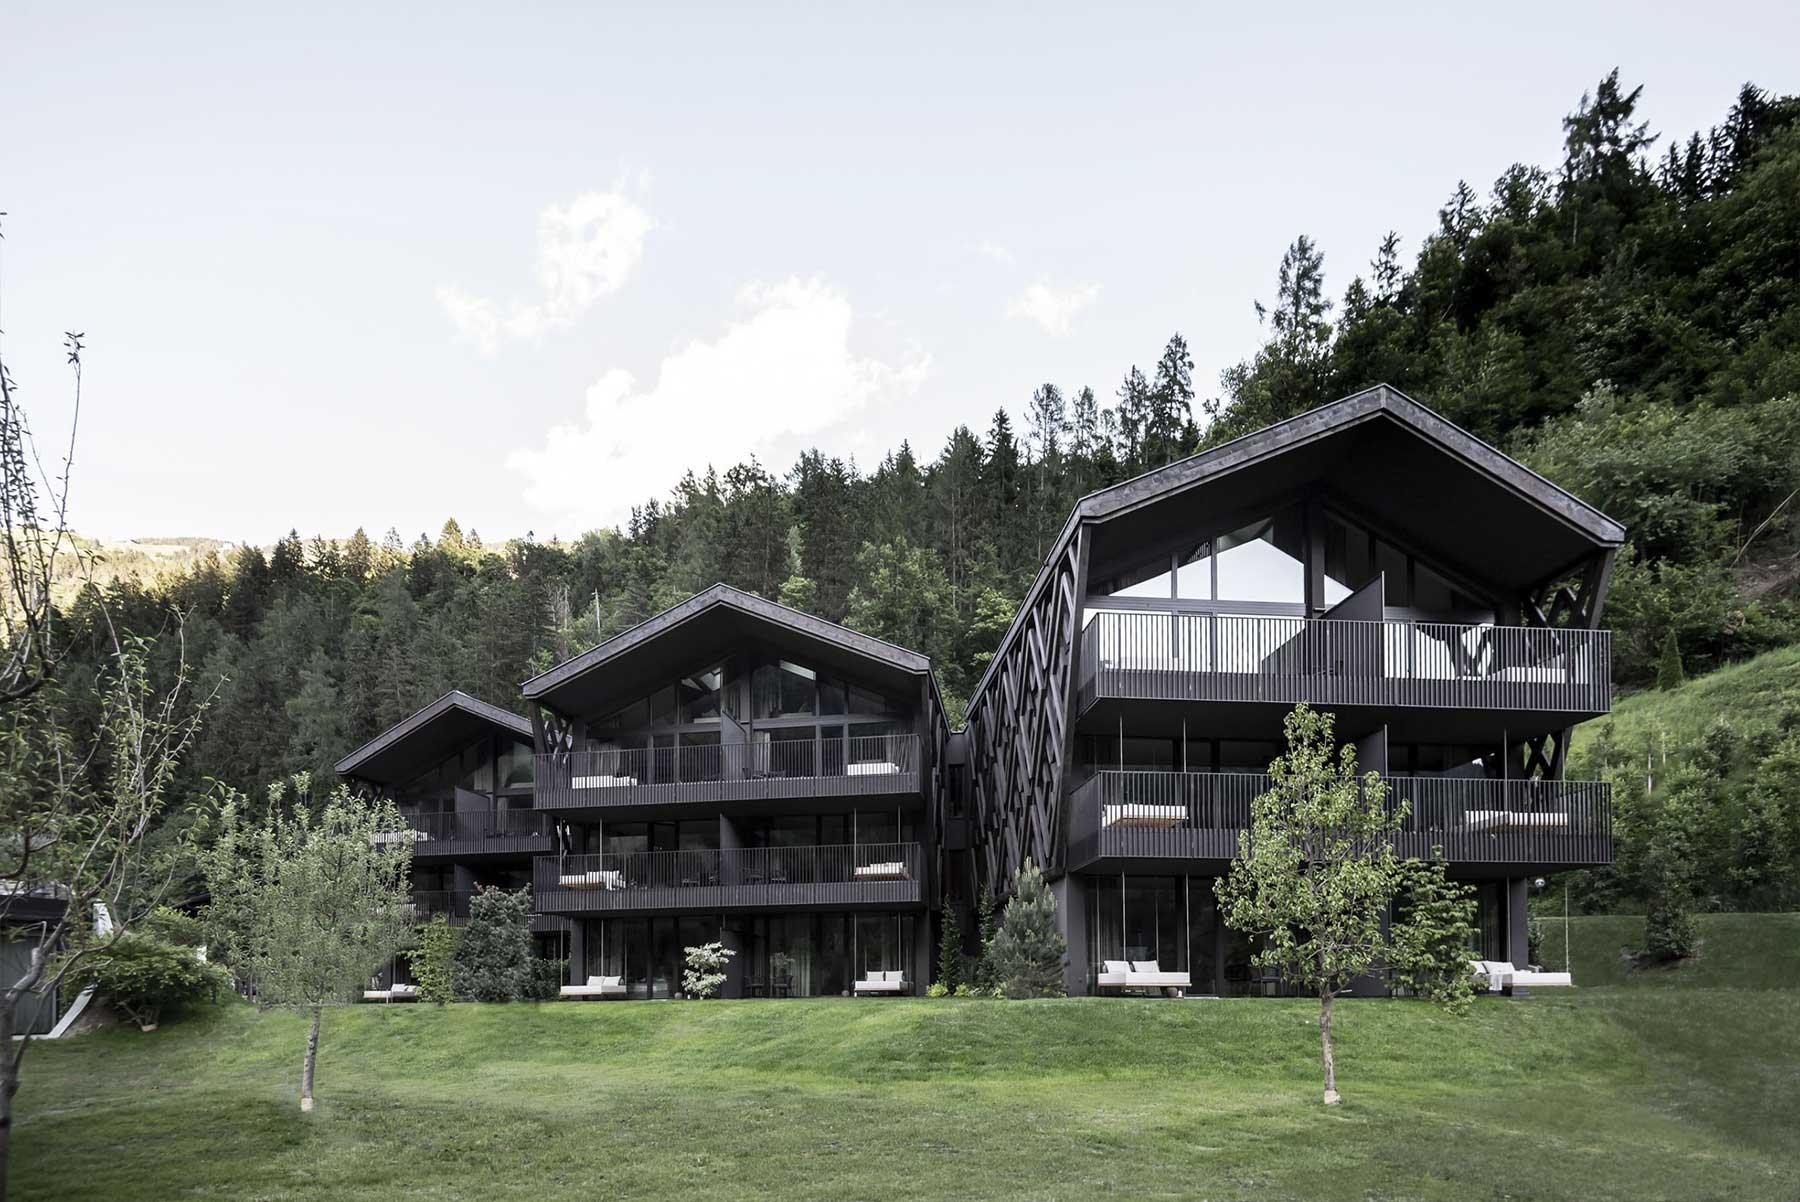 Architektur: Apfelhotel Torgglerhof Apfelhotel-Torgglerhof_05